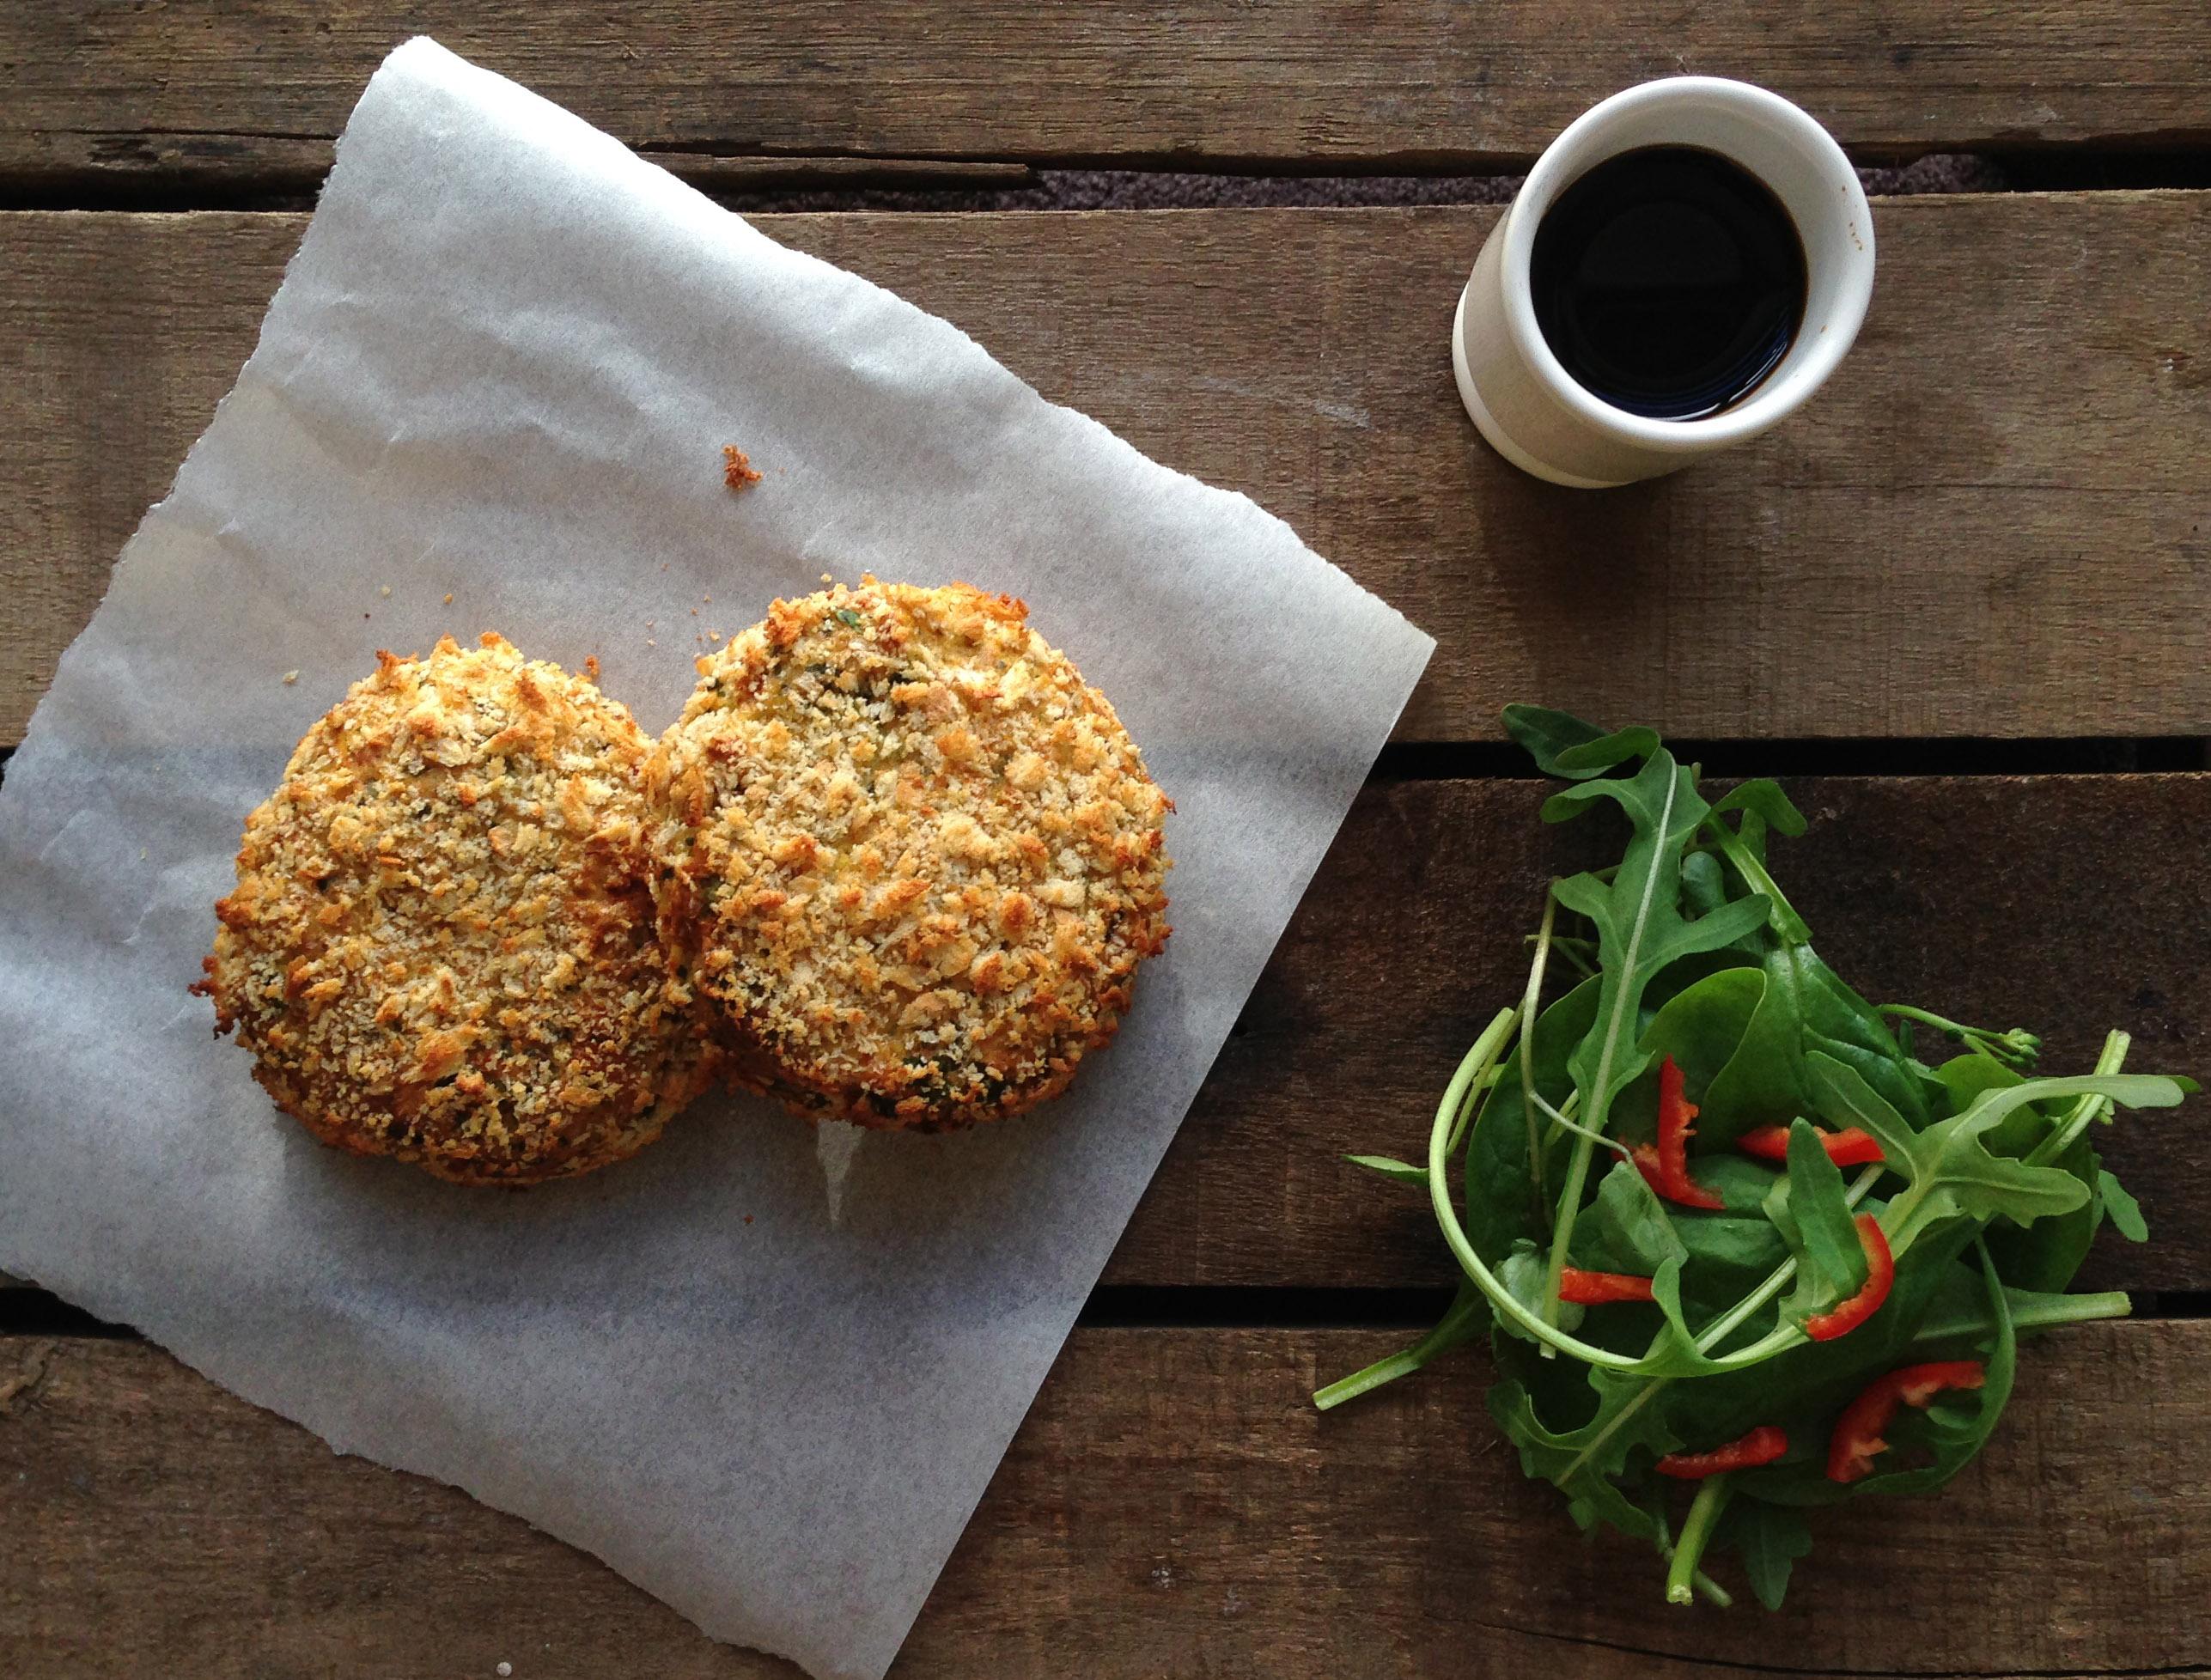 Thai salmon fish cakes recipe pescetarian kitchen for Salmon fish cakes